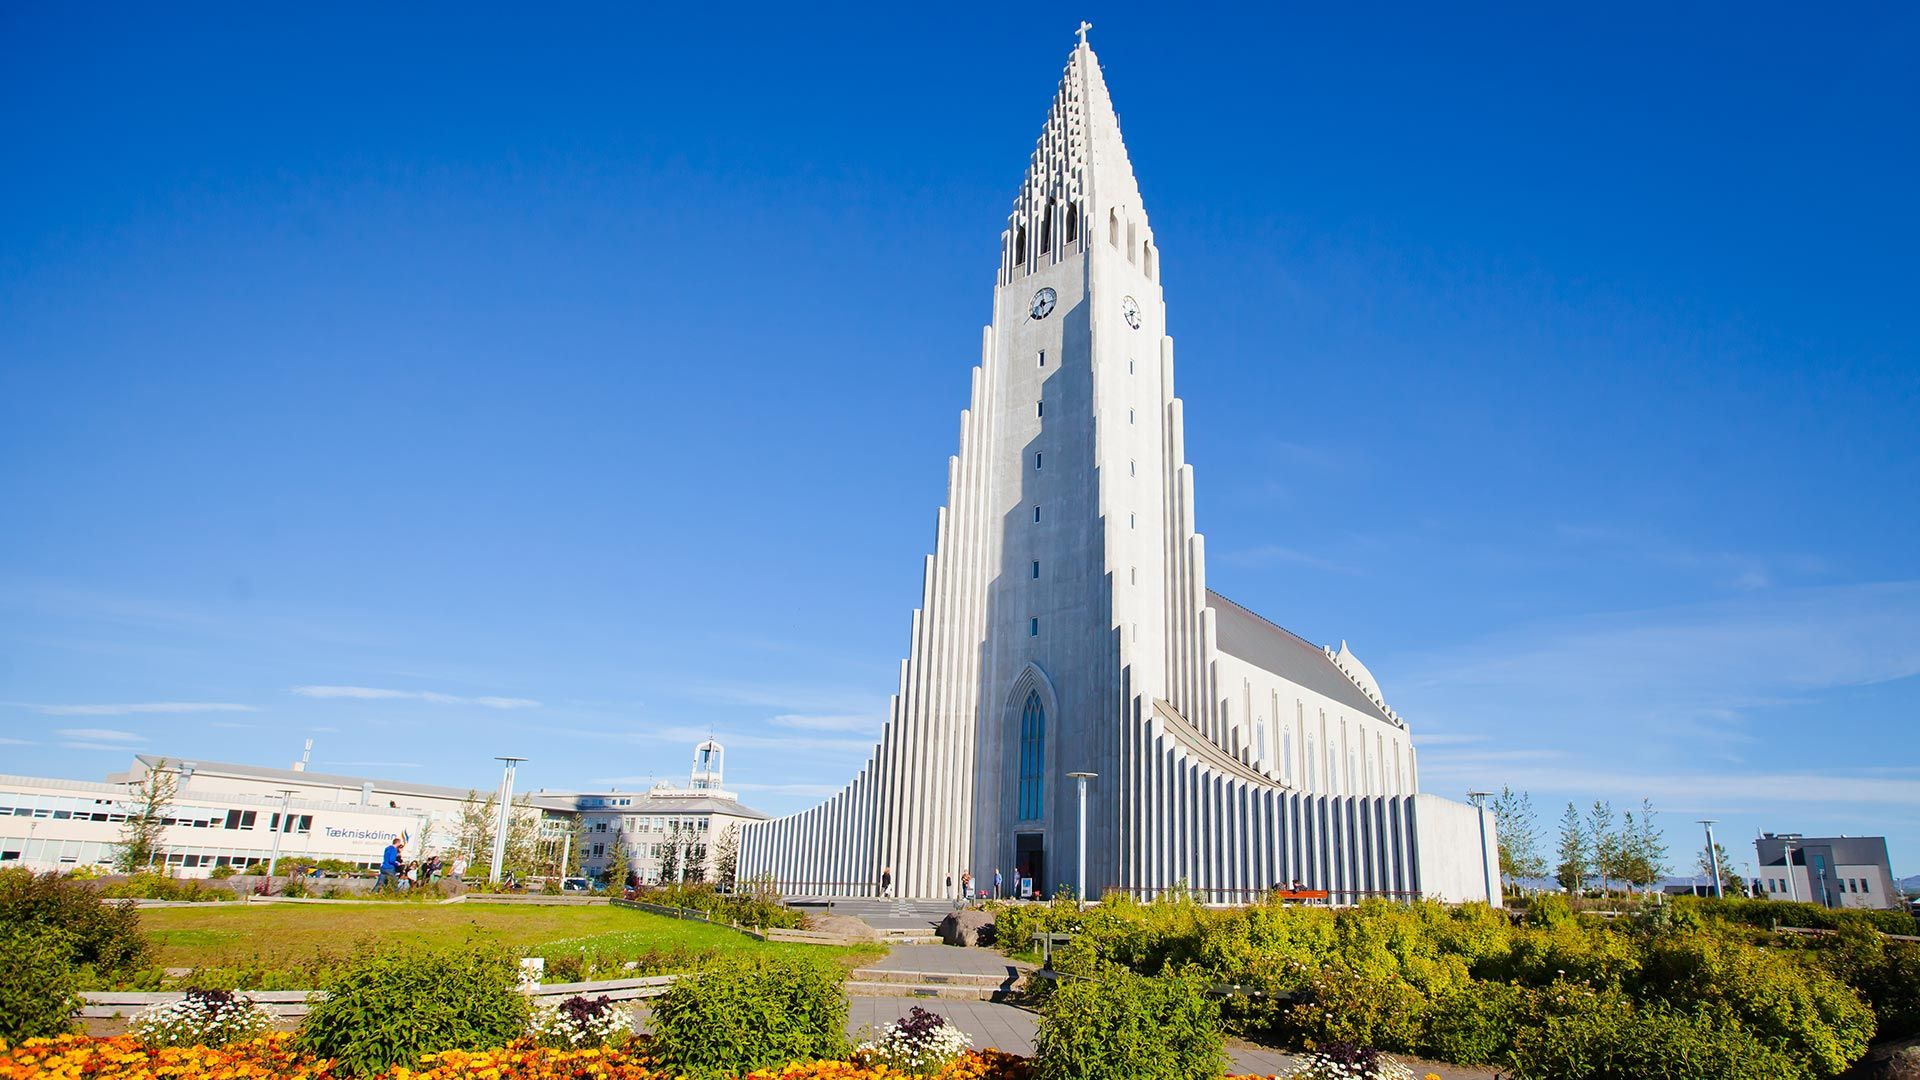 Hallgrímskirkja church in Reykjavik